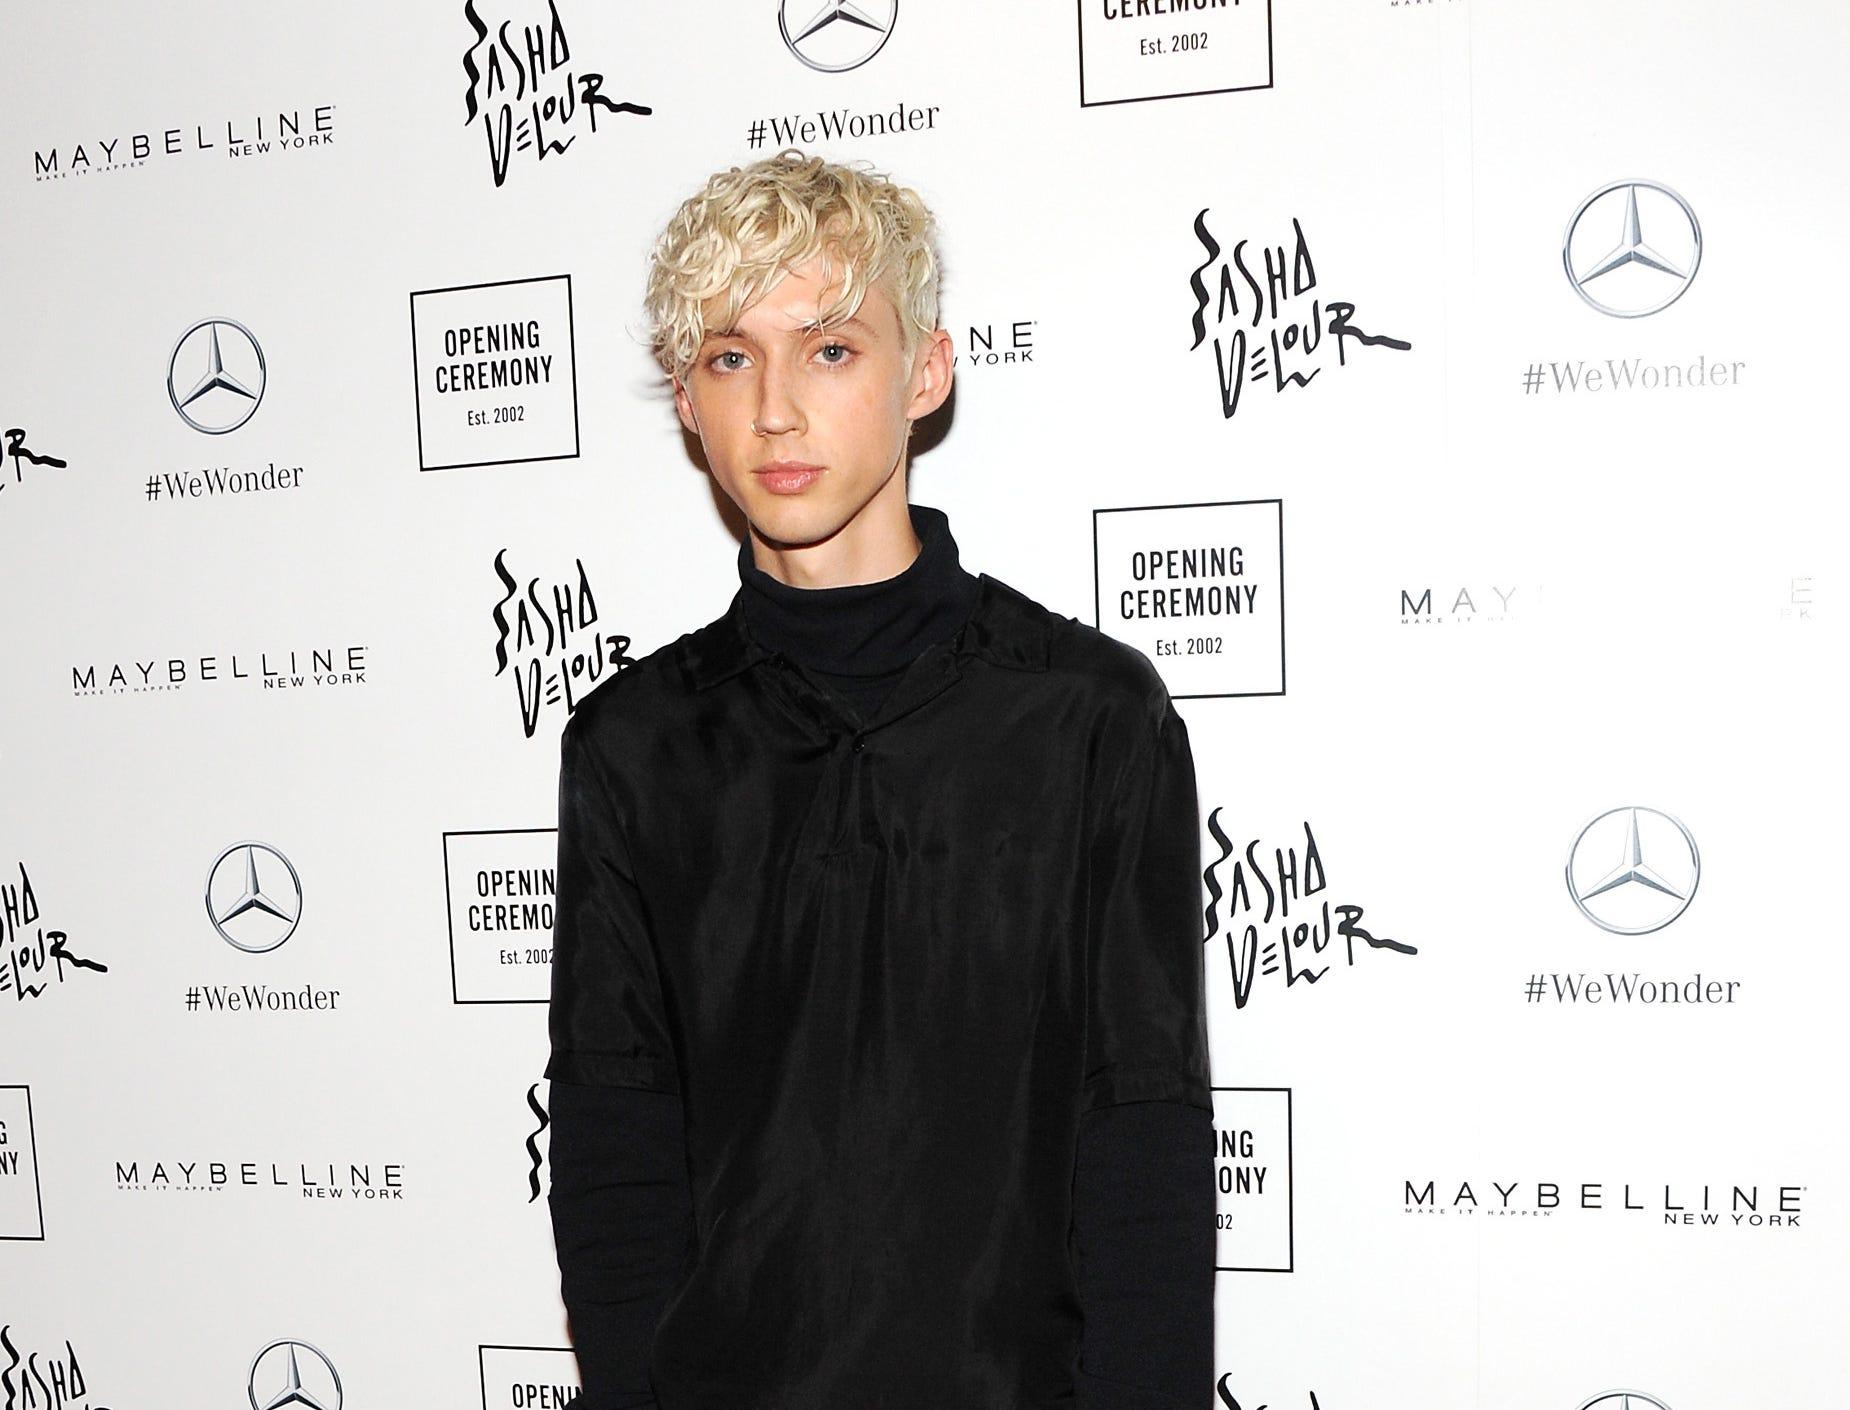 And Troye Sivan